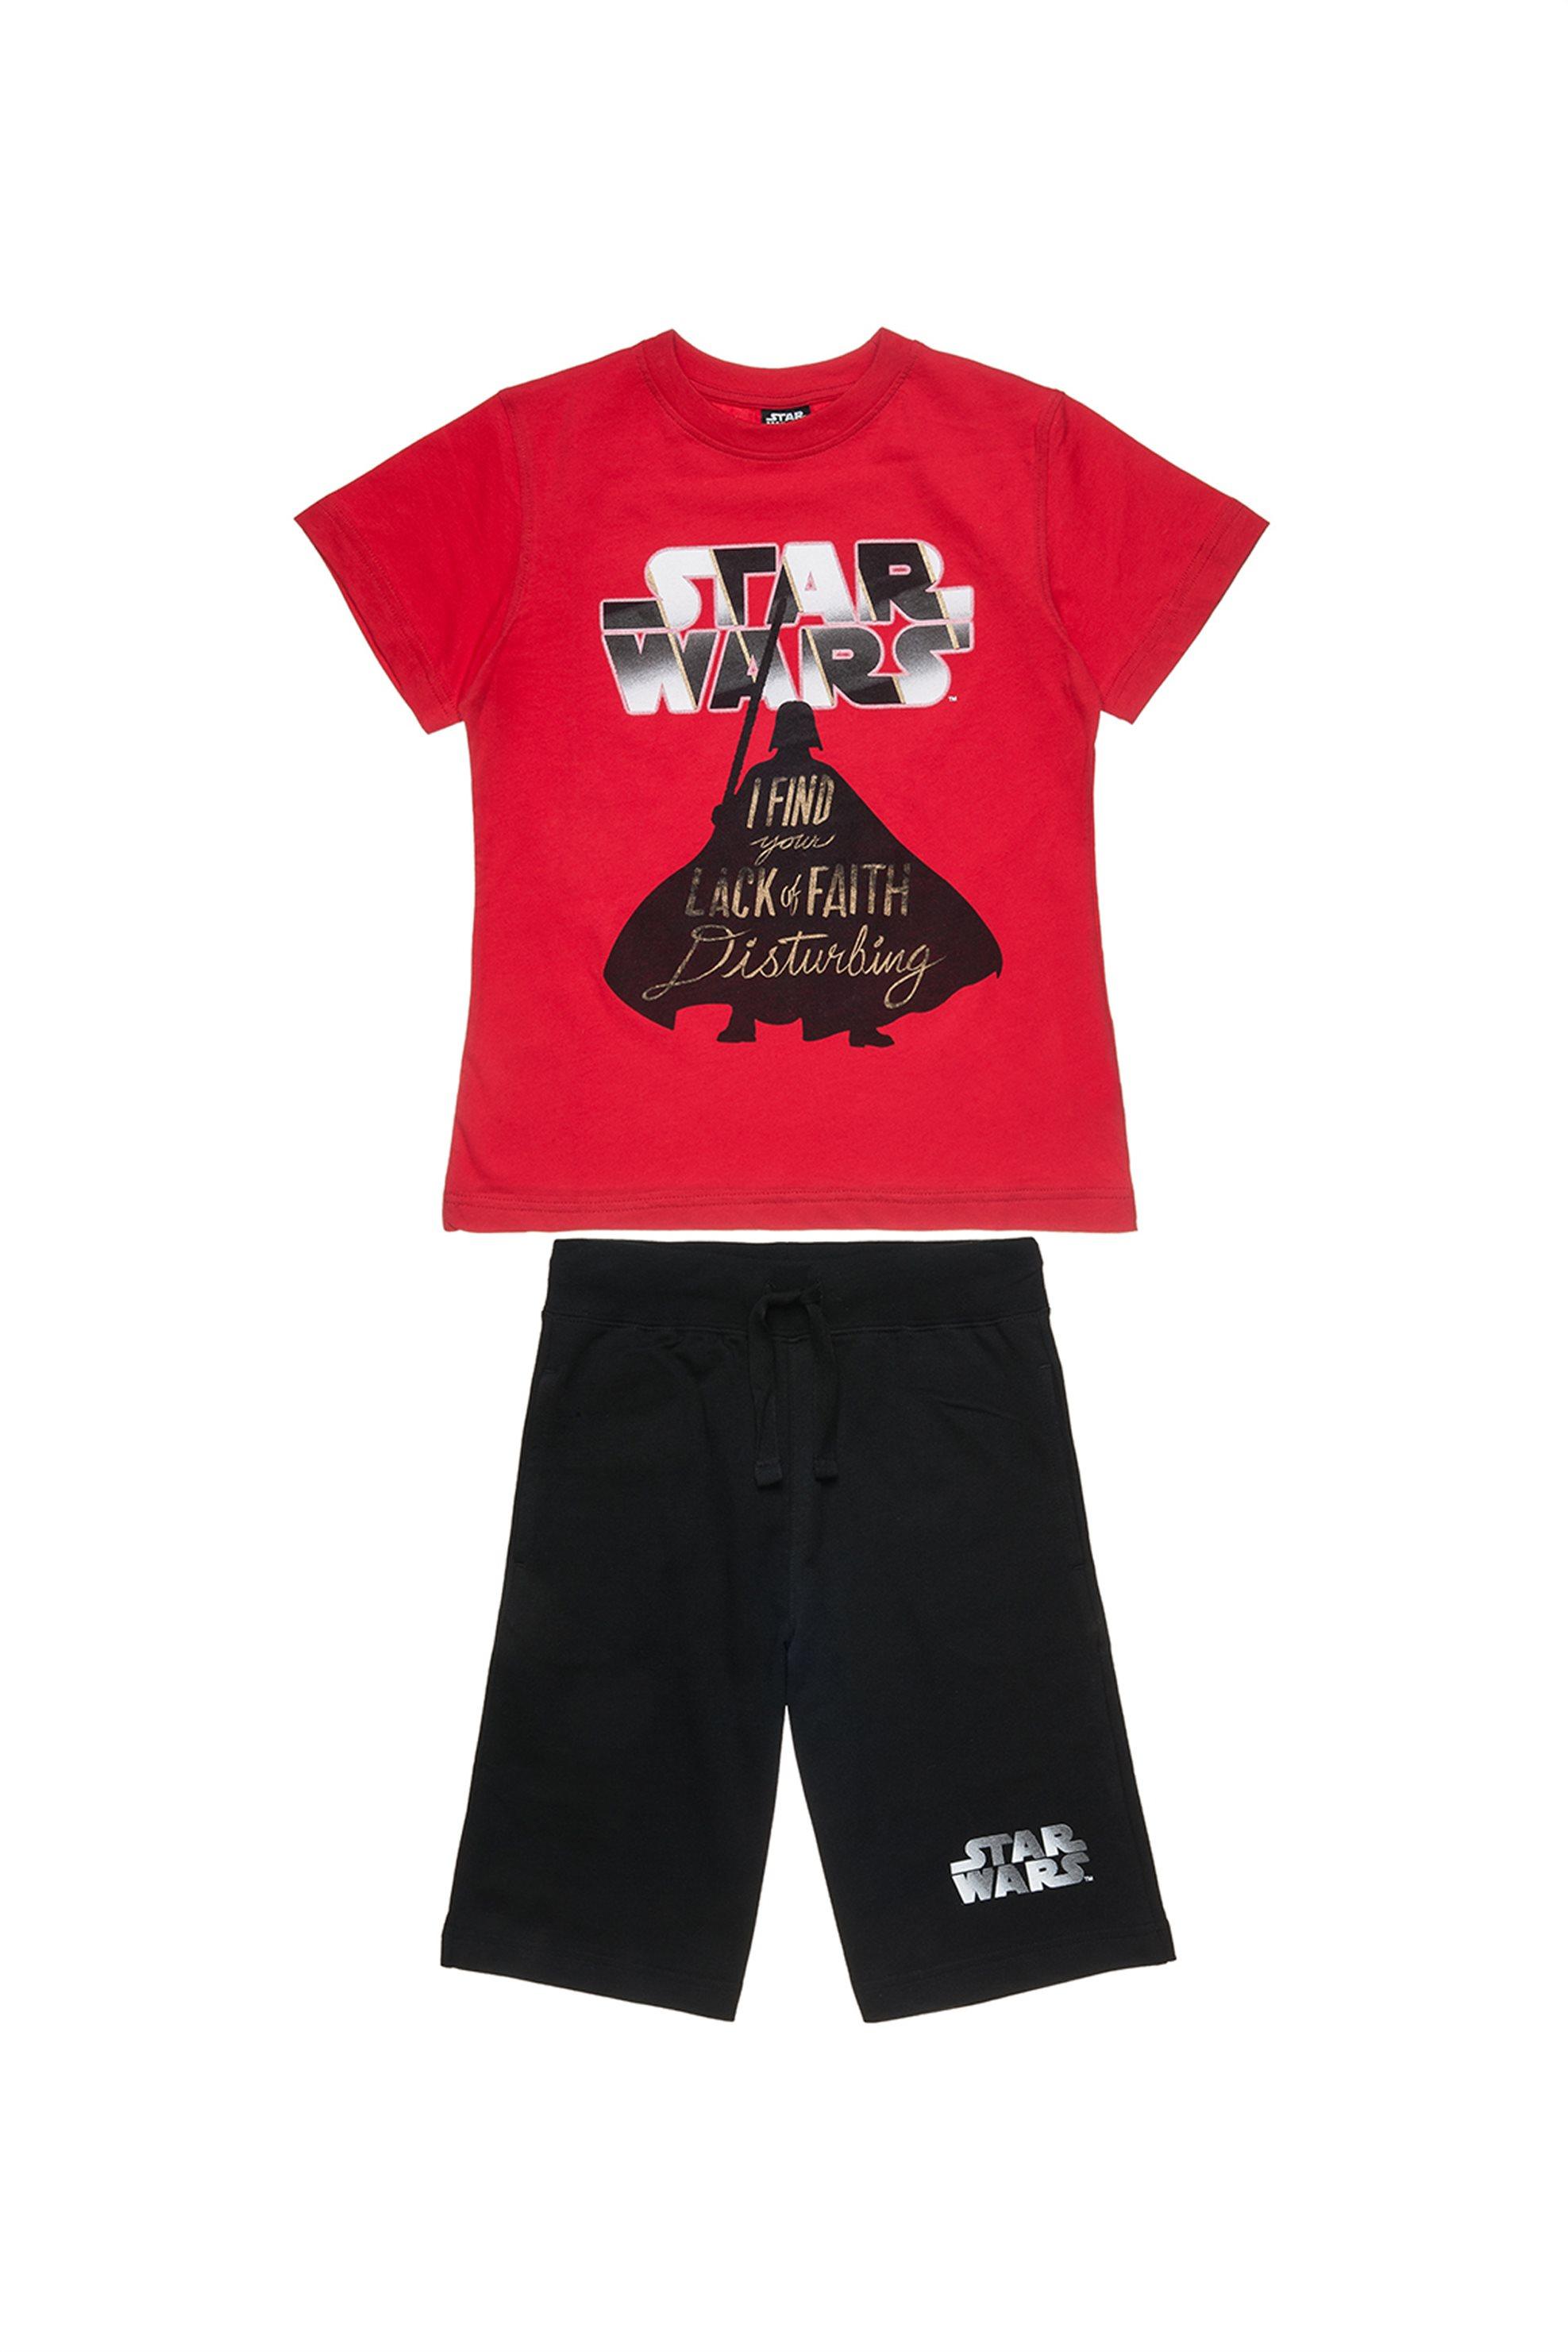 Παιδικό σετ T-shirt και βερμούδα (6-14 ετών) Star Wars Collection - 00170333 - Κ